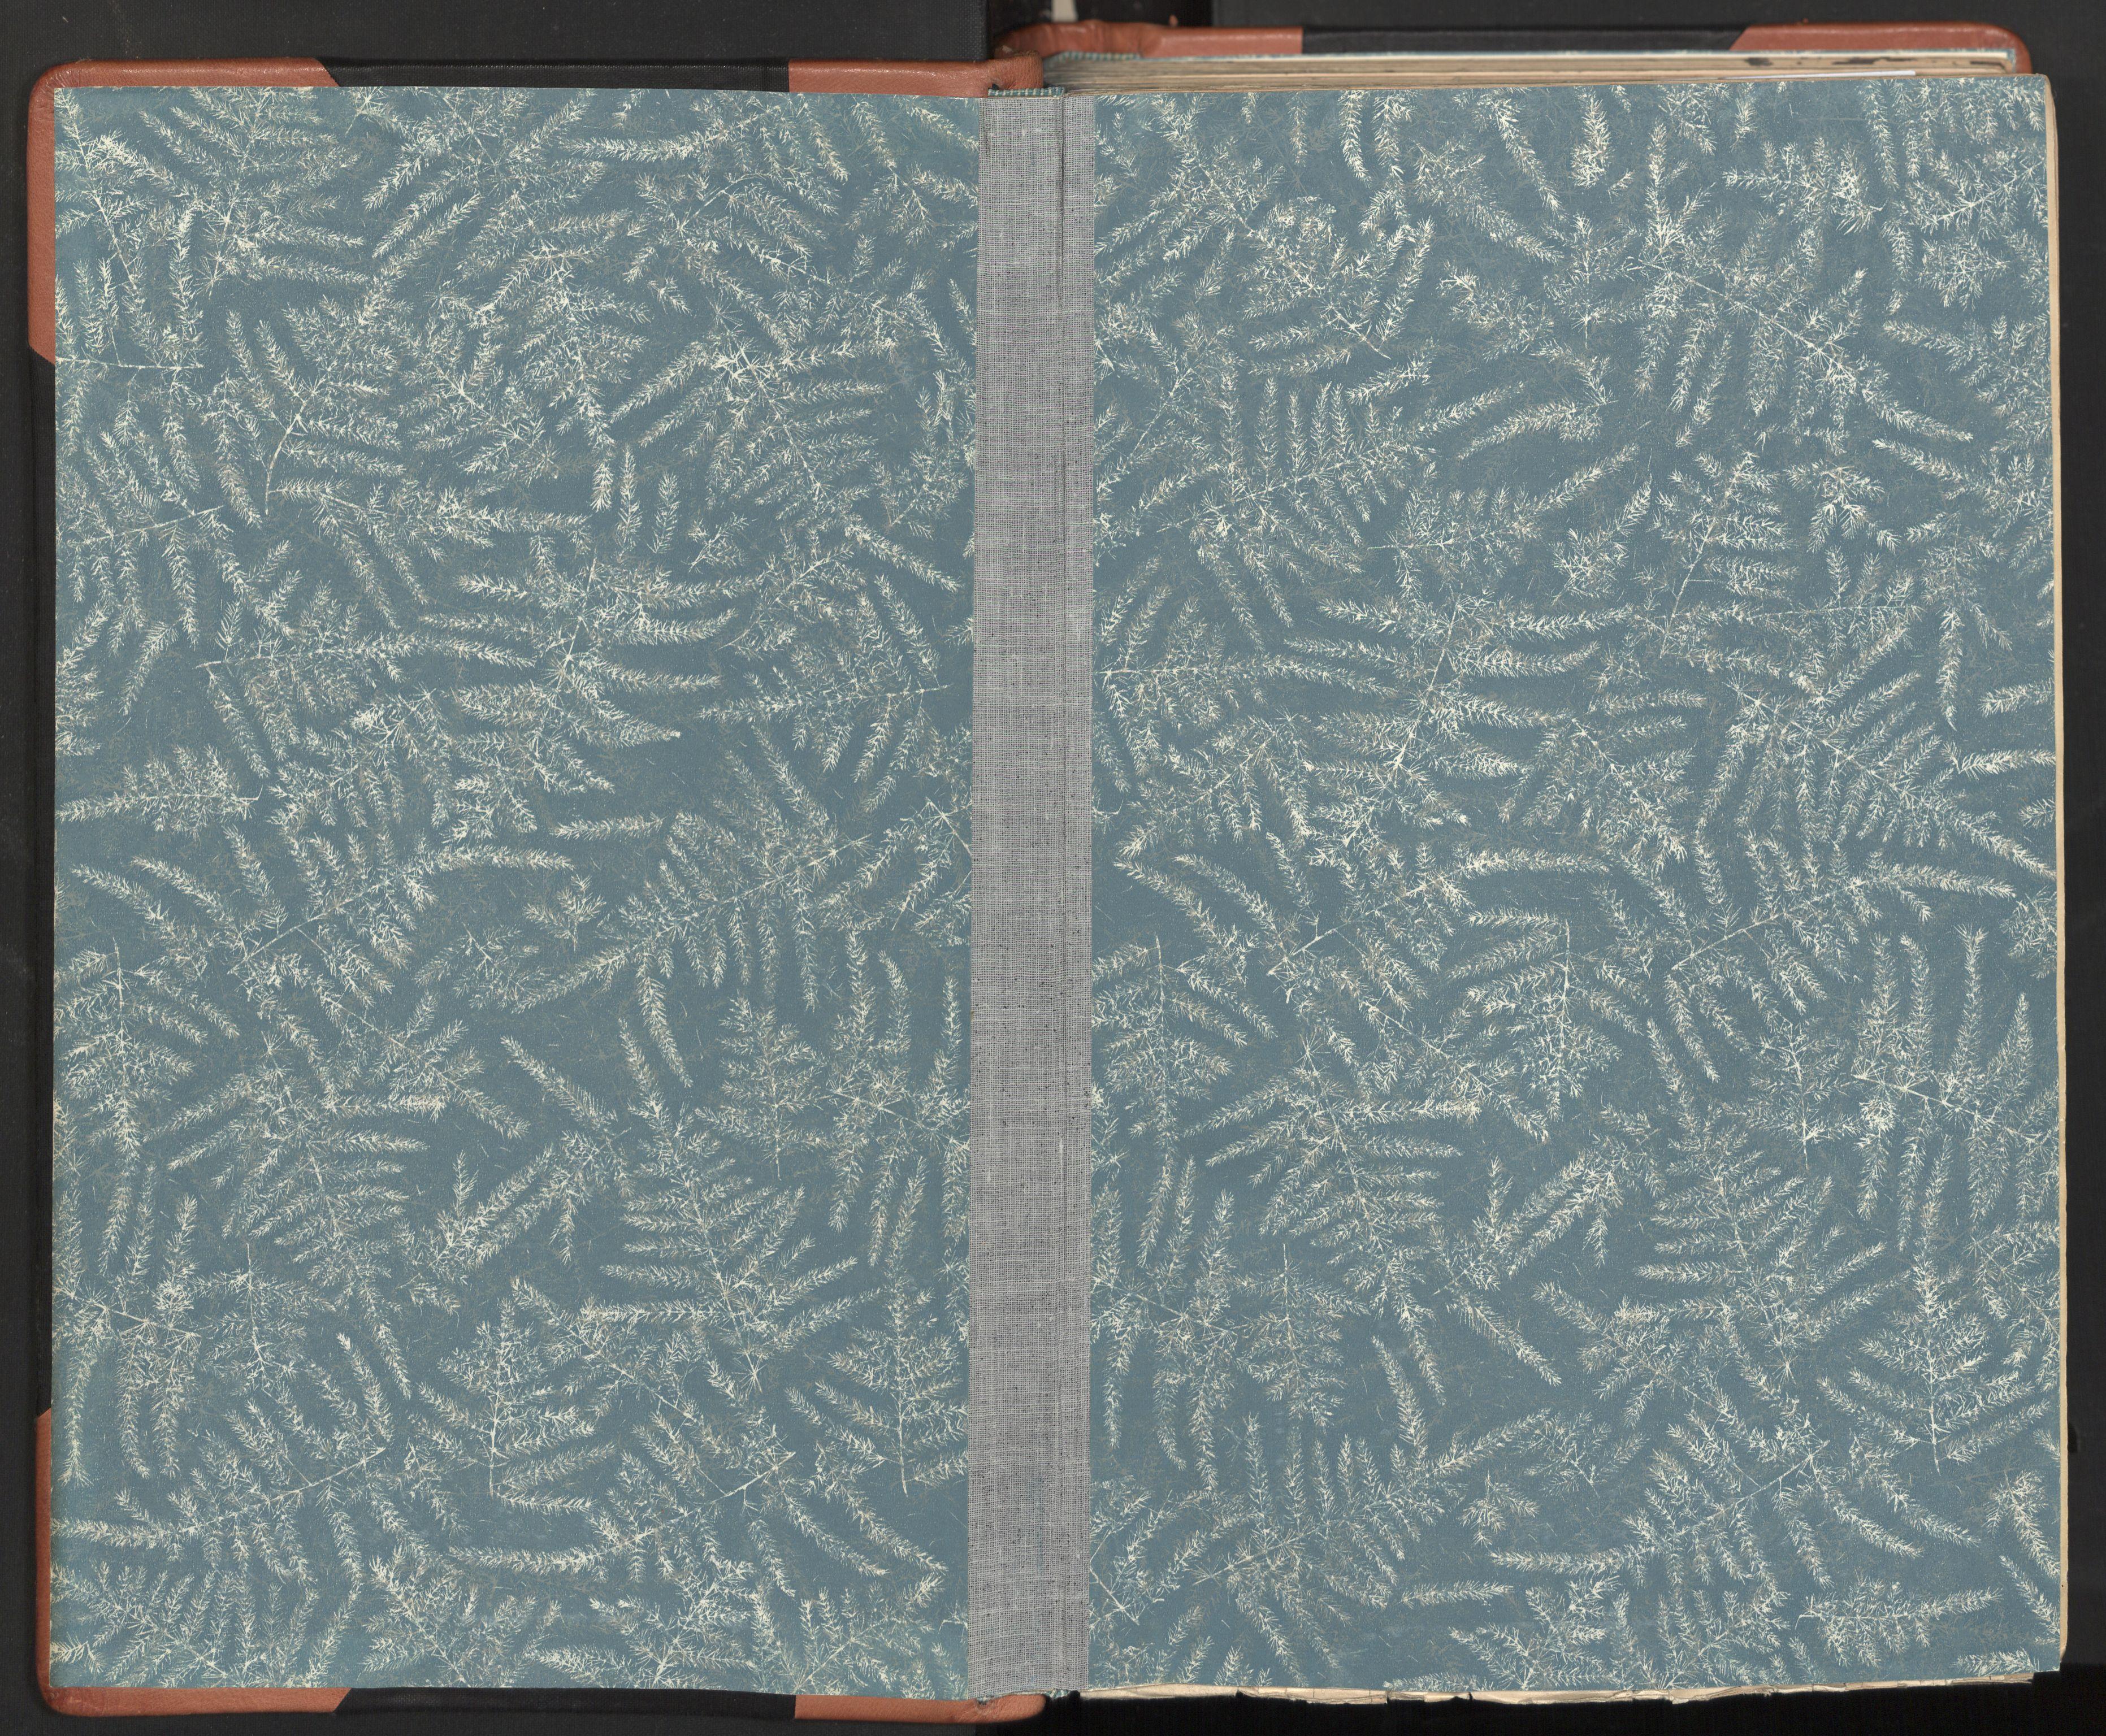 SAT, Ministerialprotokoller, klokkerbøker og fødselsregistre - Sør-Trøndelag, 605/L0243: Ministerialbok nr. 605A05, 1908-1923